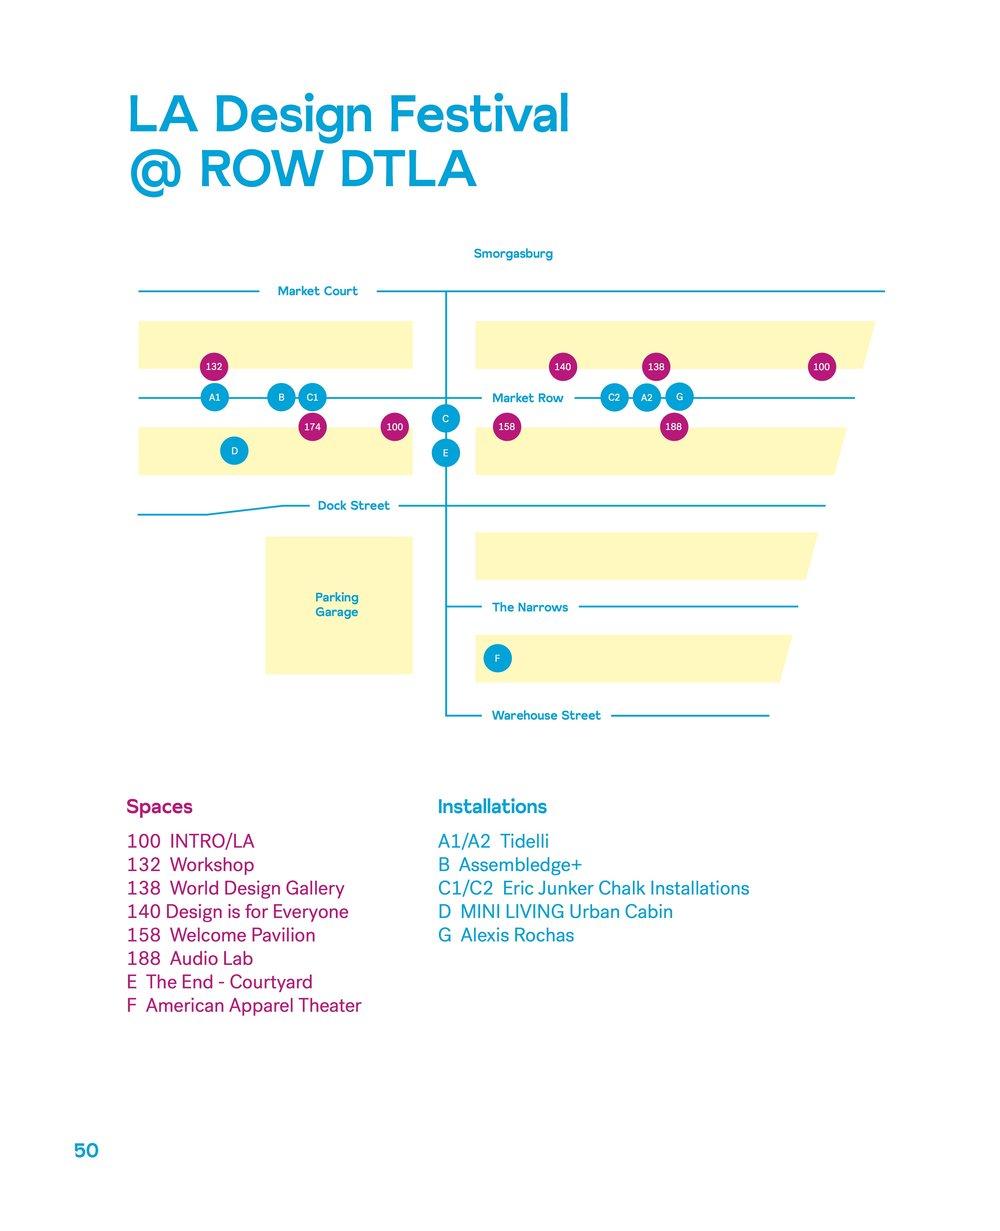 LADF18 ROW DTLA Schedule.jpg